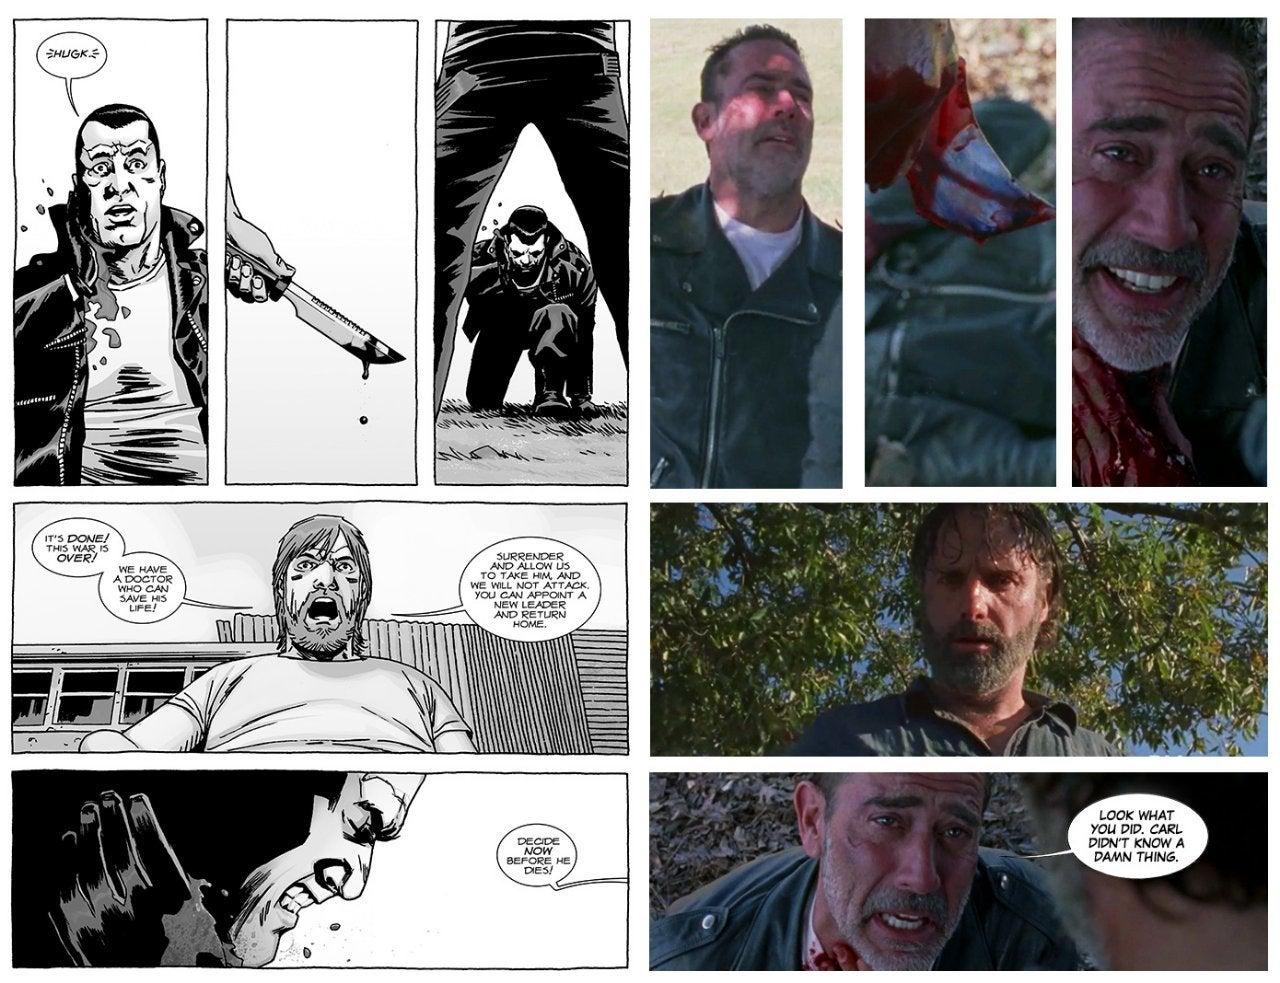 Walking dead comics pdf download